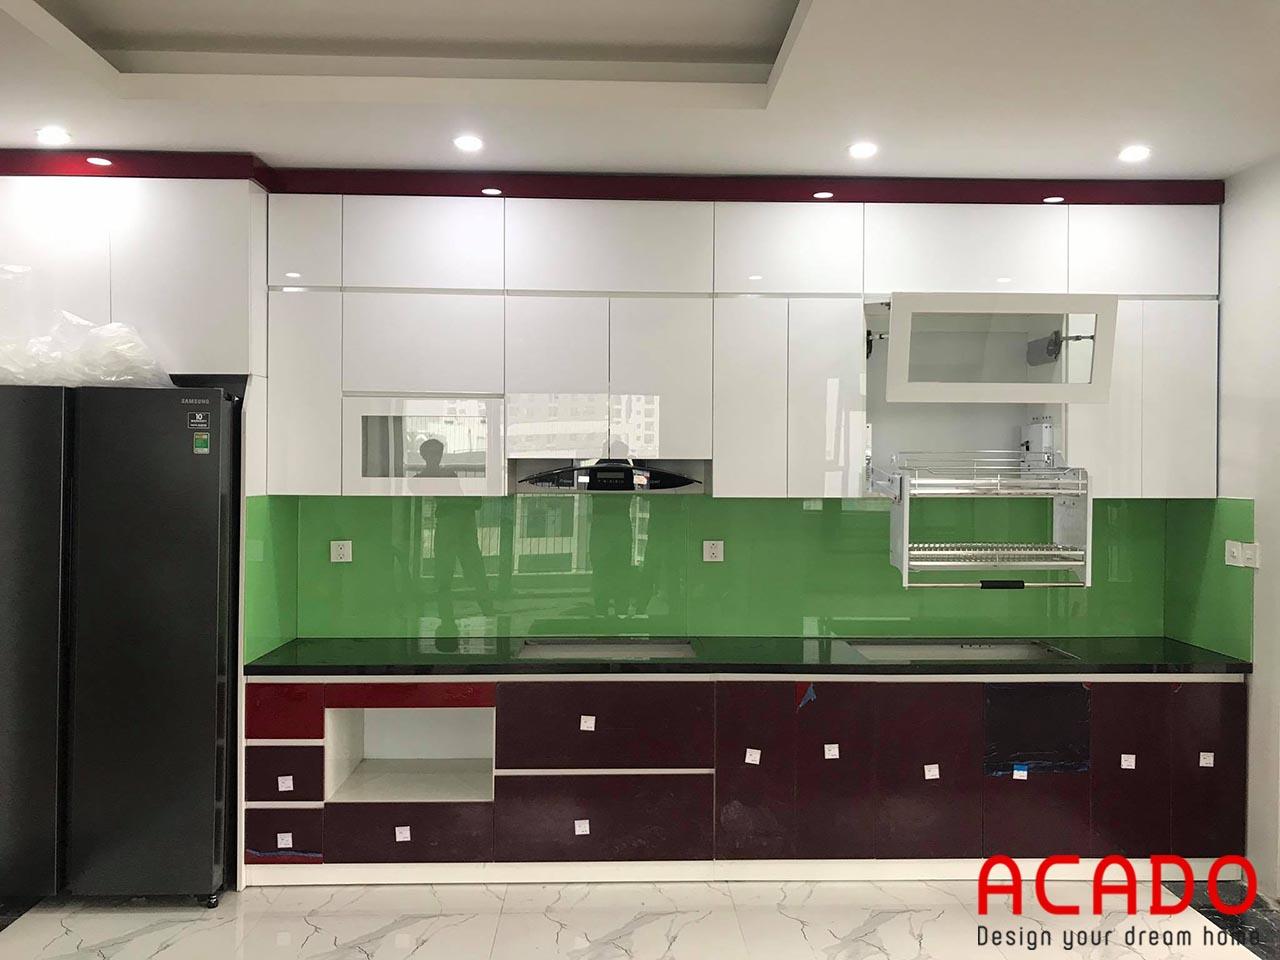 Tủ bếp Acrylic với thiết kế hiện đại sát trần thoải mái không gian chứa đồ